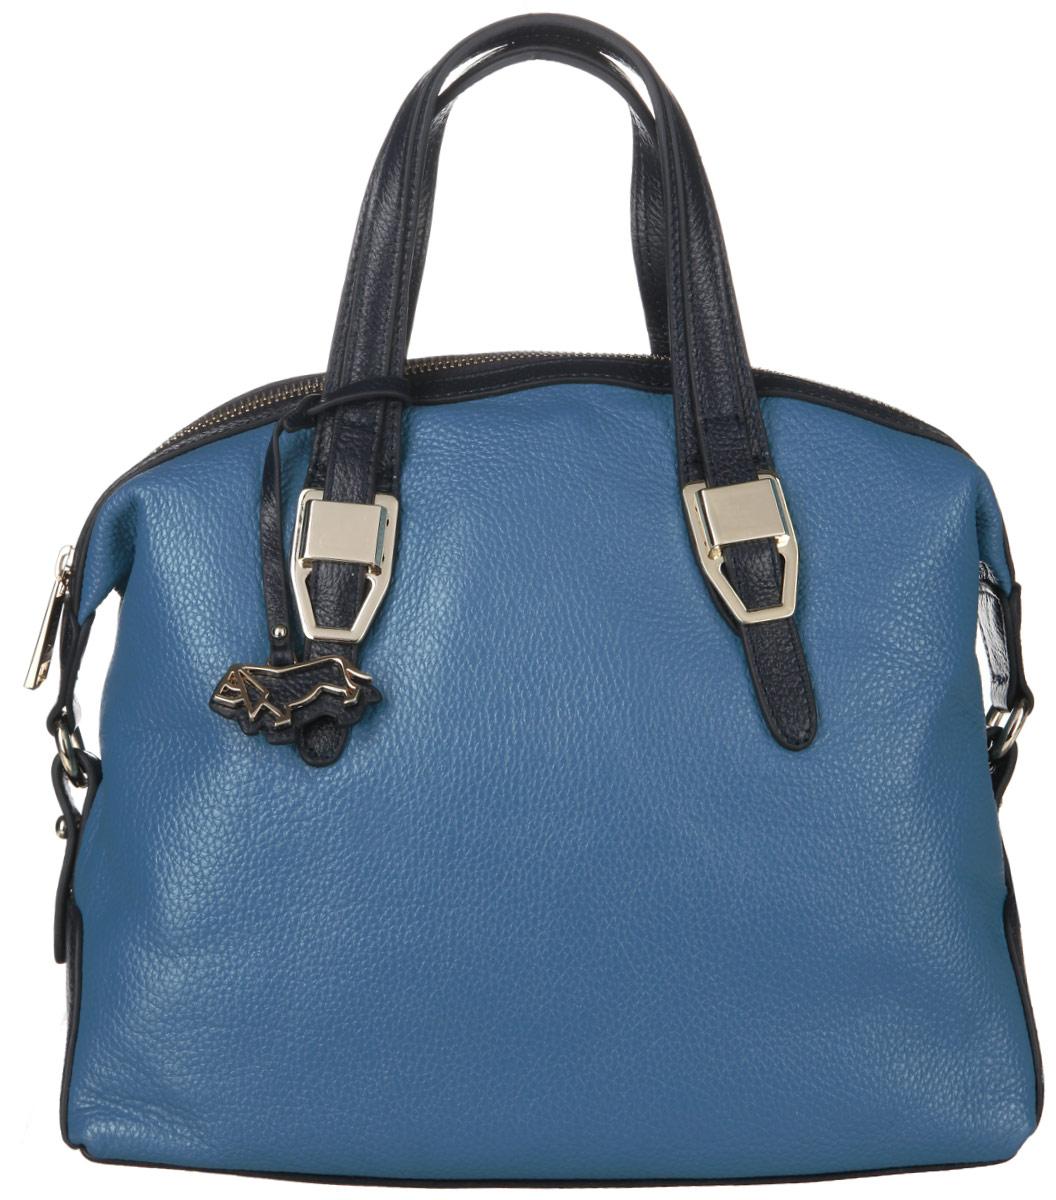 Сумка женская Labbra, цвет: голубой, темно-синий. L-23060-1L-23060-1Стильная женская сумка Labbra выполнена из натуральной кожи с фактурным тиснением и украшена брелоком с логотипом бренда. Изделие имеет одно основное отделение, закрывающееся на застежку-молнию. Внутри находятся два накладных открытых кармана, прорезной карман на застежке-молнии и накладной карман с отделением на застежке-молнии. Снаружи, на задней стенке предусмотрен прорезной карман на застежке-молнии. Сумка оснащена удобными ручками. В комплект входит съемный плечевой ремень. Основание сумки защищено от повреждений металлическими ножками. Изделие упаковано в фирменный чехол. Стильная сумка Labbra прекрасно дополнит ваш образ.